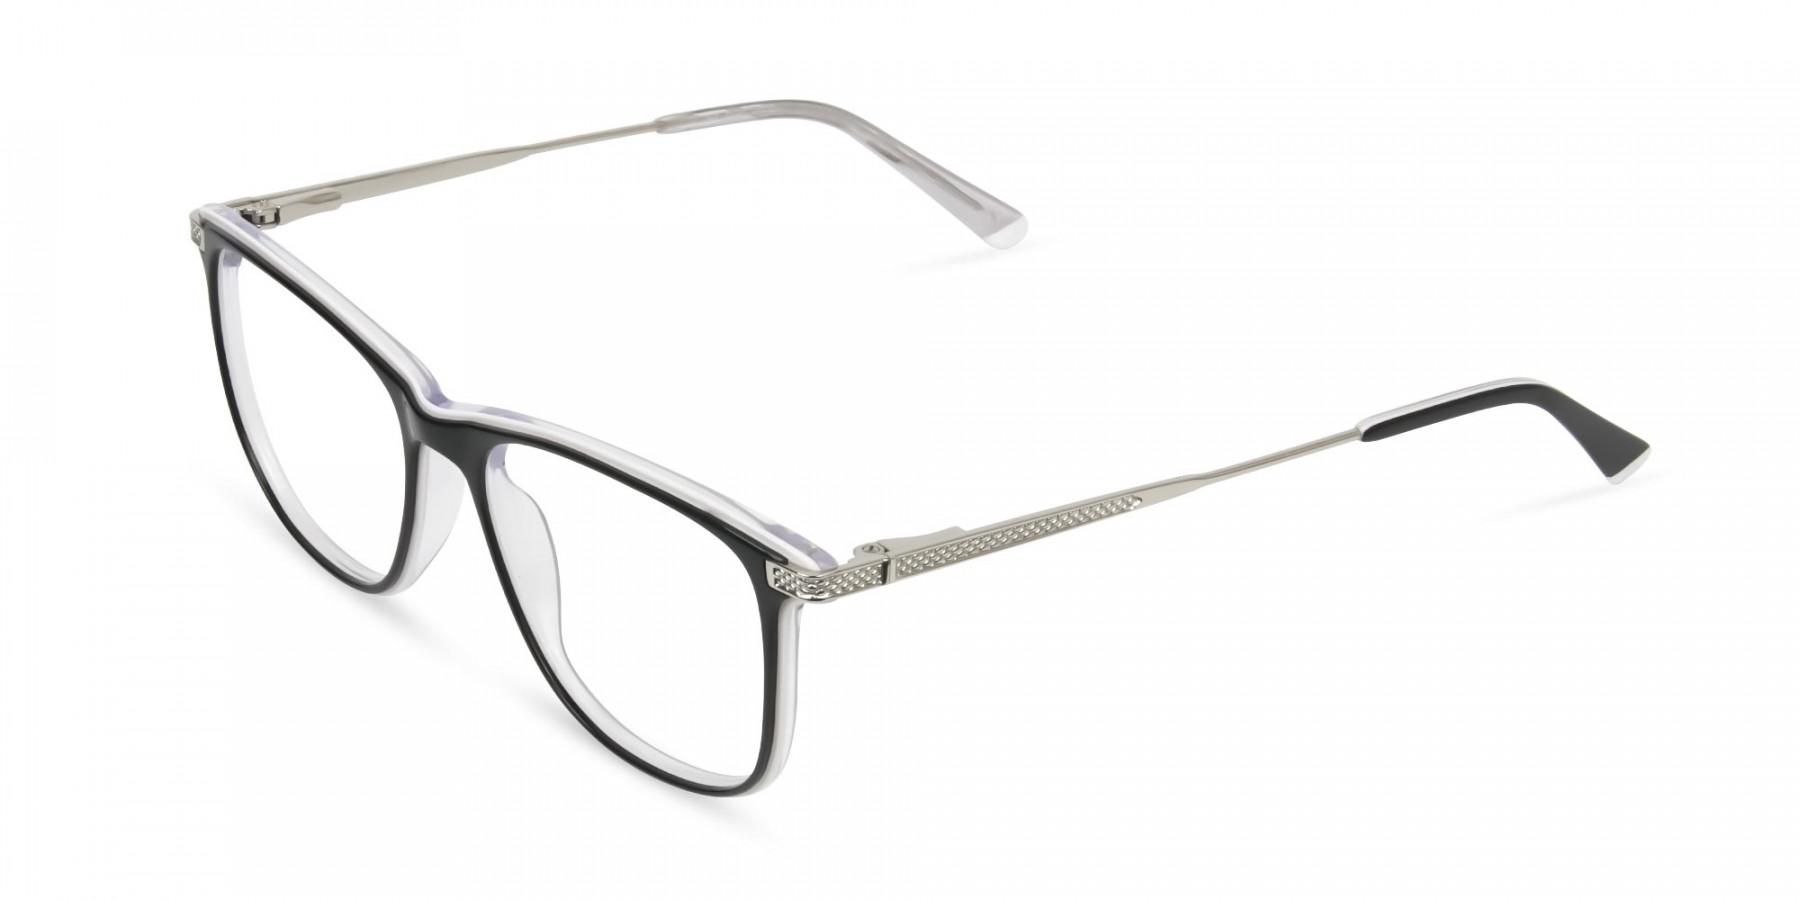 Black-and-White-Rectangular-Wayfarer-Glasses - 1